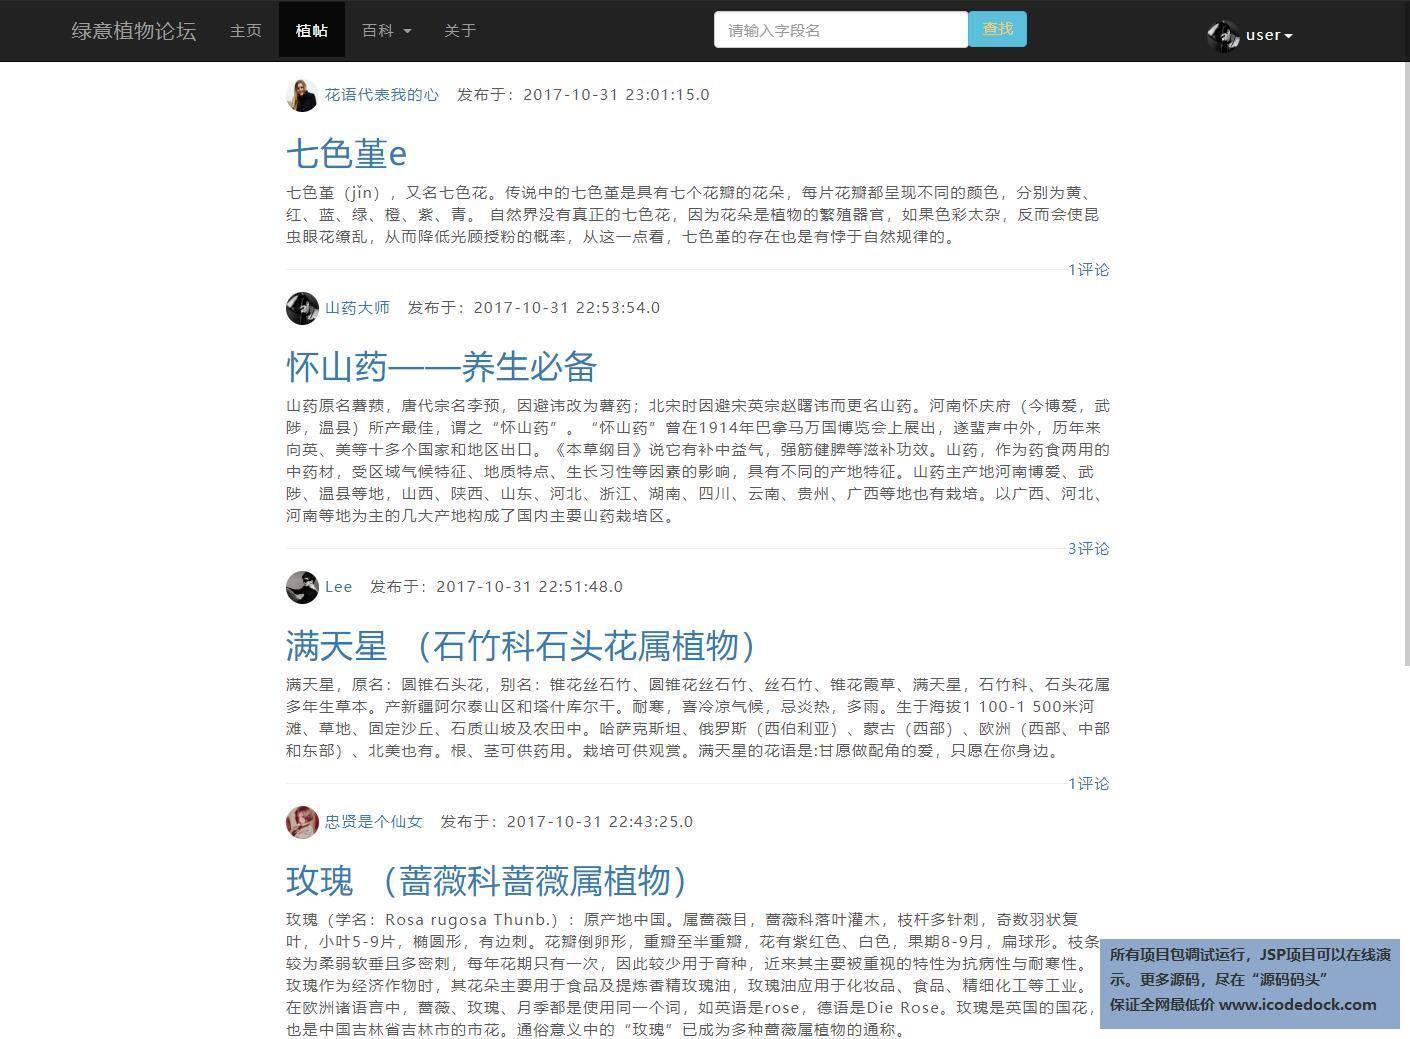 源码码头-JSP植物知识分享论坛系统-用户角色-查看帖子